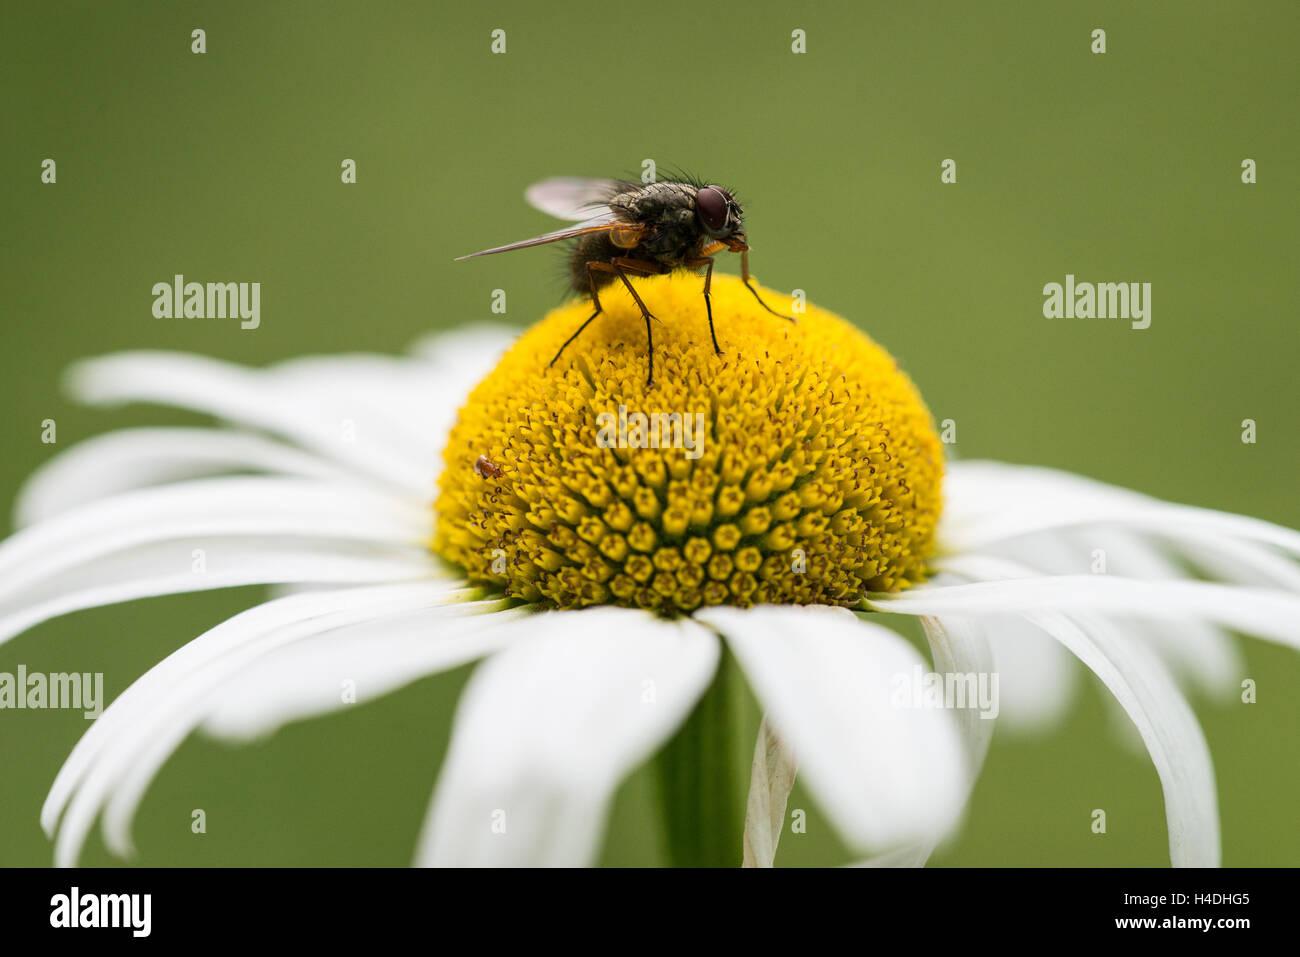 Gänseblümchen, Makro | marherite, macro - Stock Image